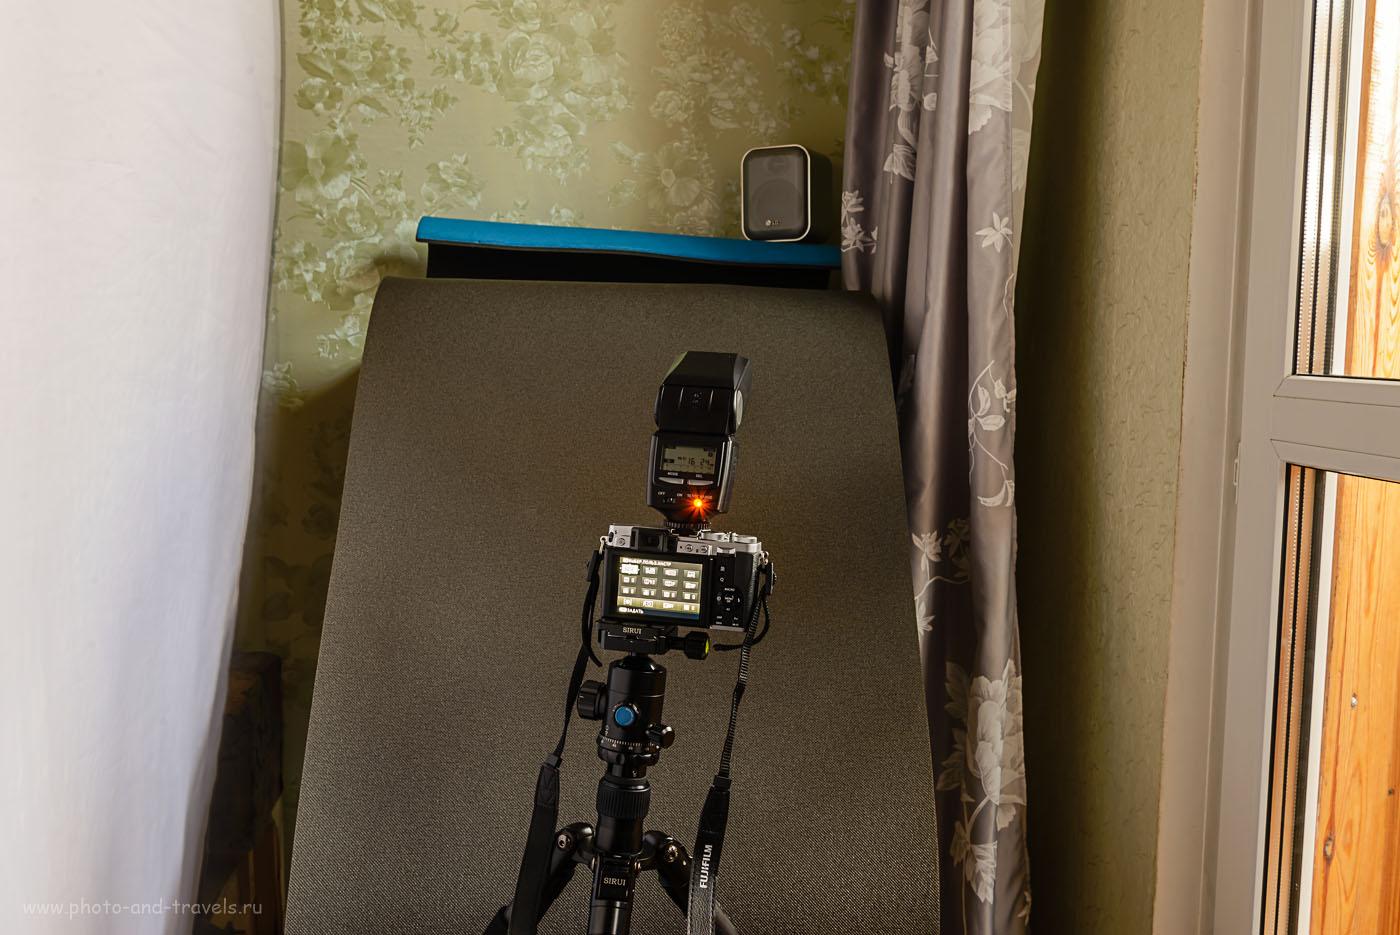 Фотография 33. Как фотографировать предметы для каталога интернет-магазина на полнокадровую камеру Nikon D610. Мыльница Фуджи Х30 с внешней вспышкой Фуджифильм EF-42 на штативе Зируй Т2204Х. Параметры съемки: 10 секунд, +0,67EV, 11.0, 100, 34.